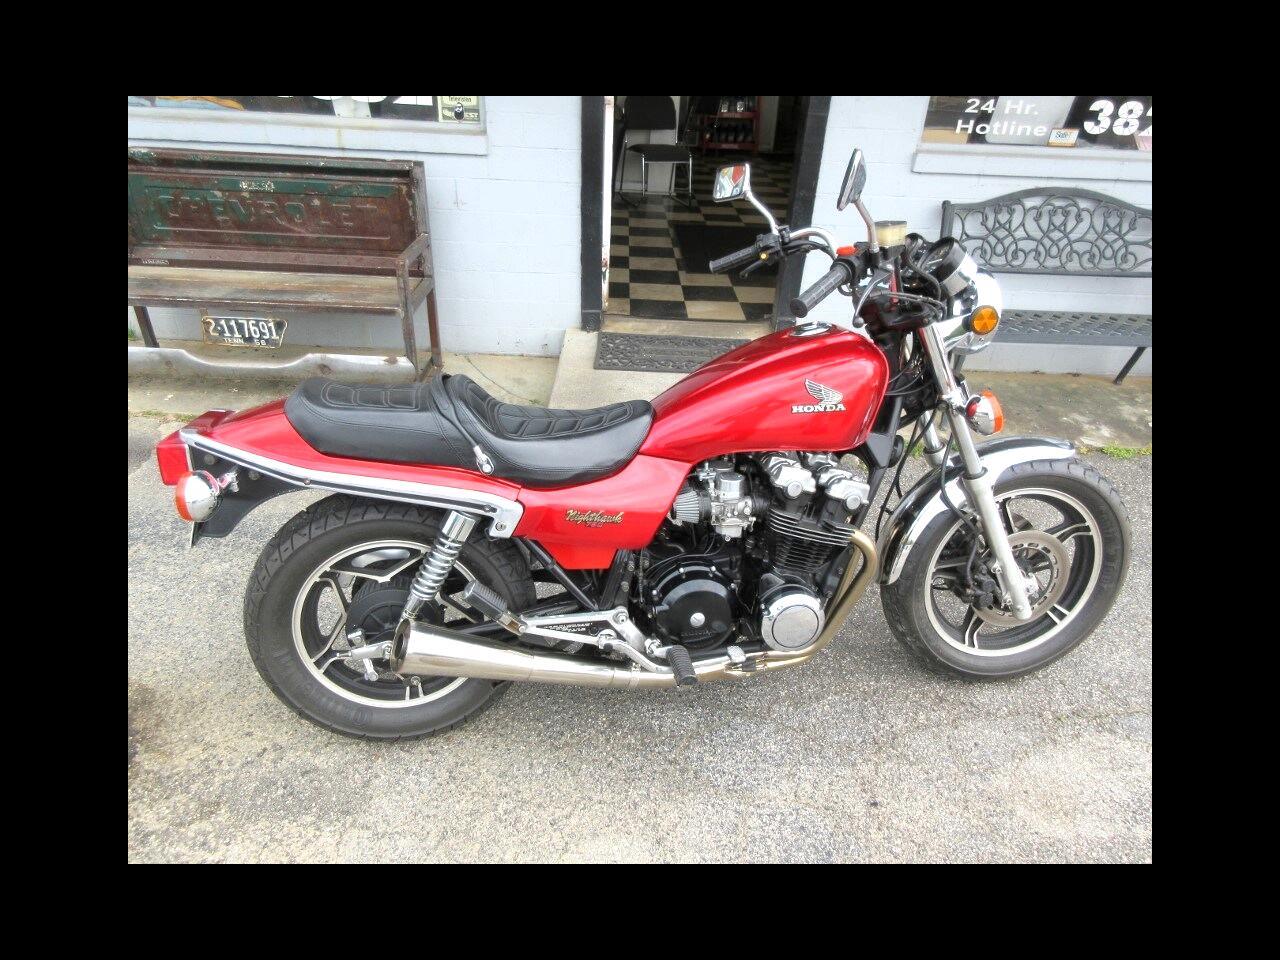 1982 Honda Nighthawk 750